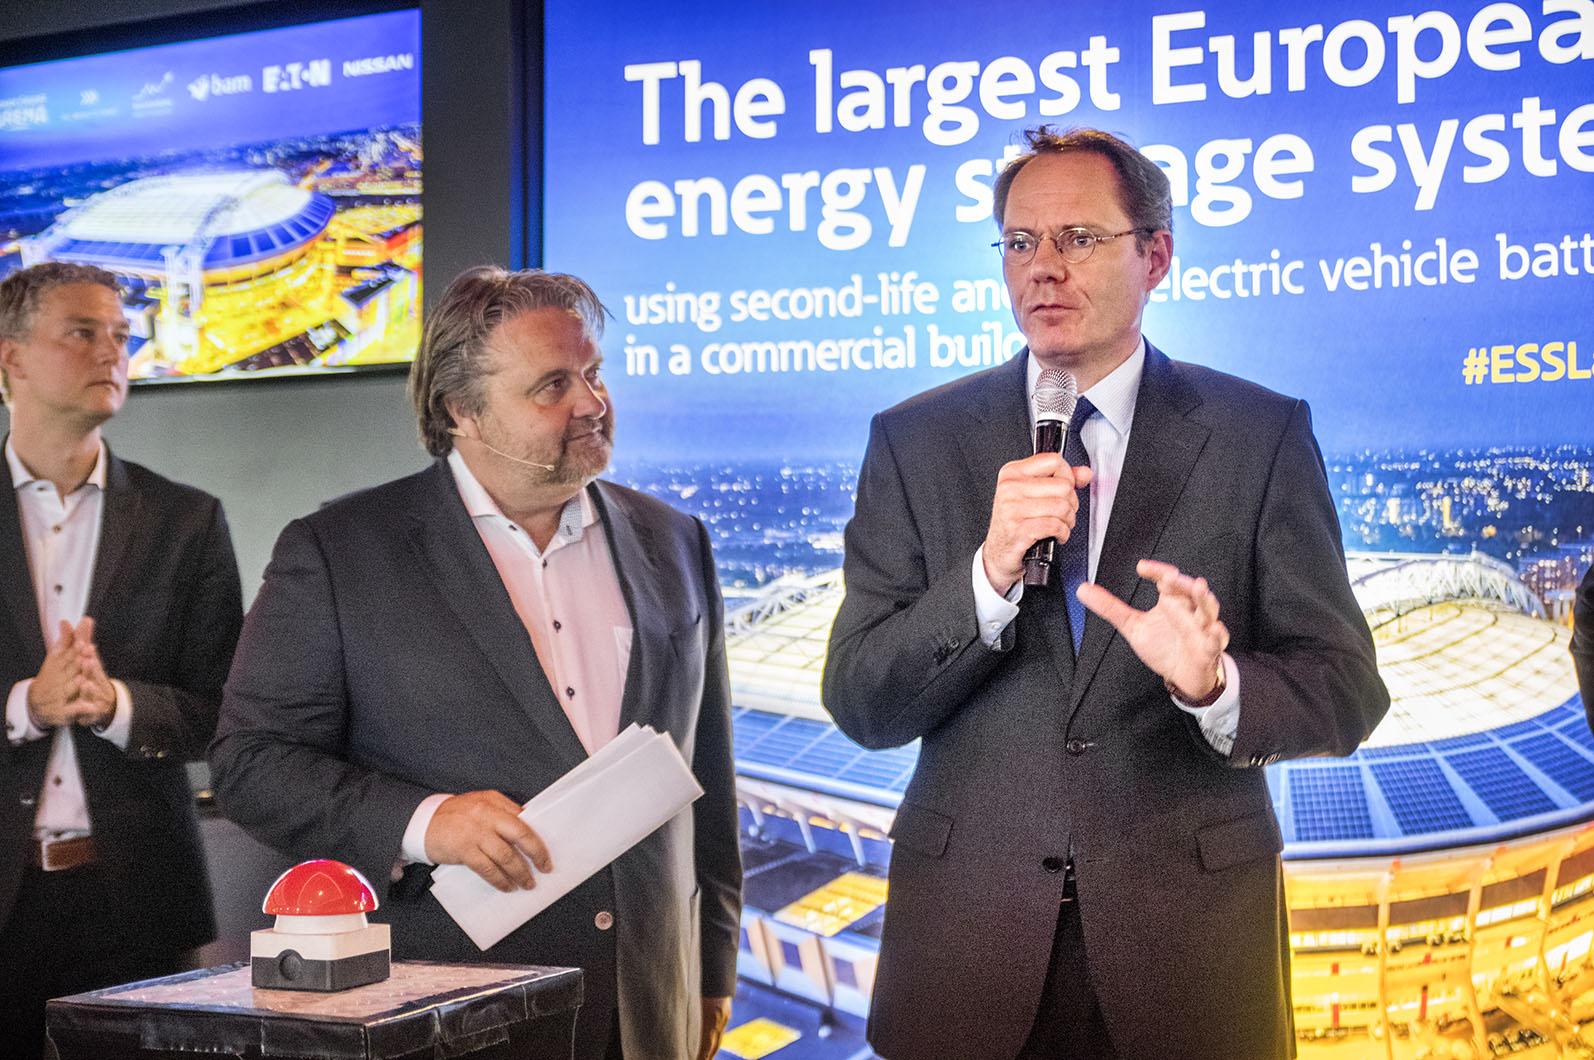 Amsterdams vice borgmästare Udo Kock redo att trycka på startknappen för ESS i Amsterdam.